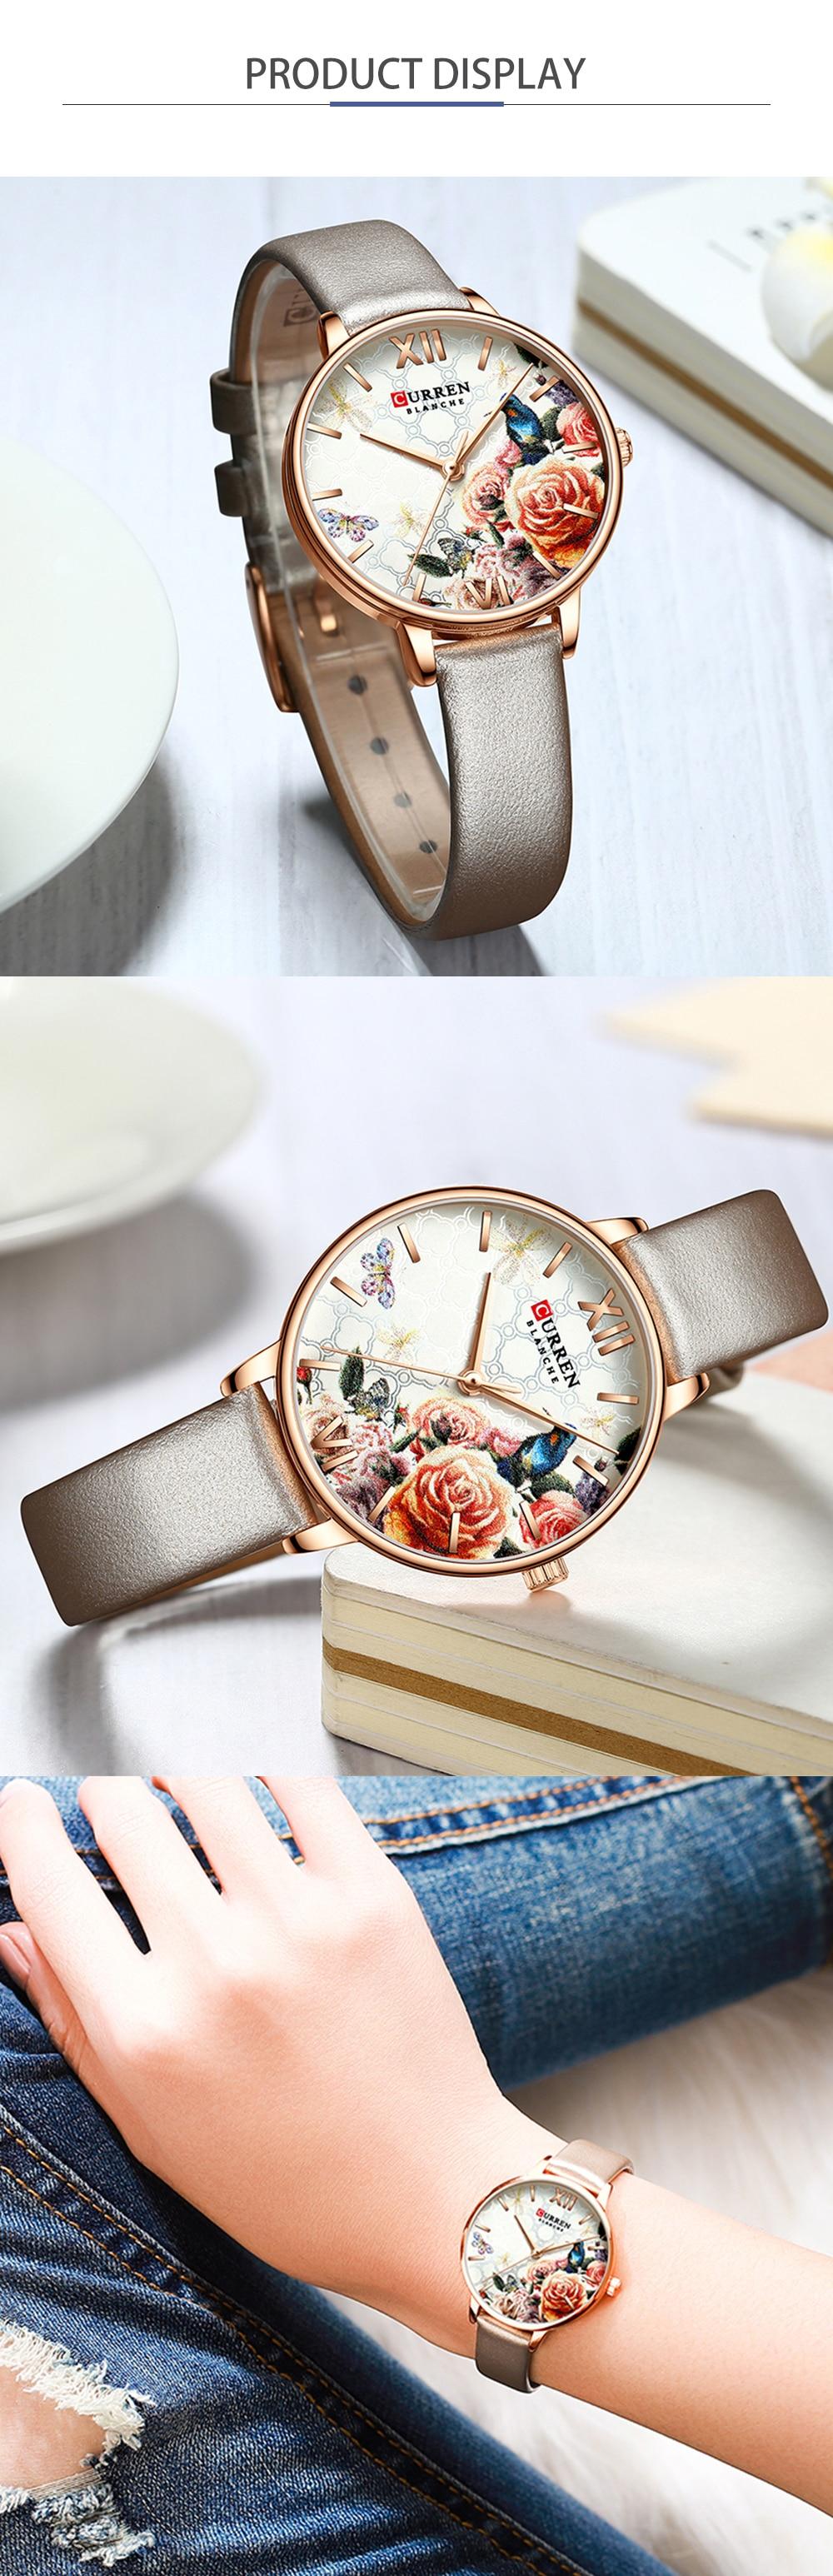 HTB1ewcFeBGw3KVjSZFwq6zQ2FXaG CURREN Charming Flower Design Fashion